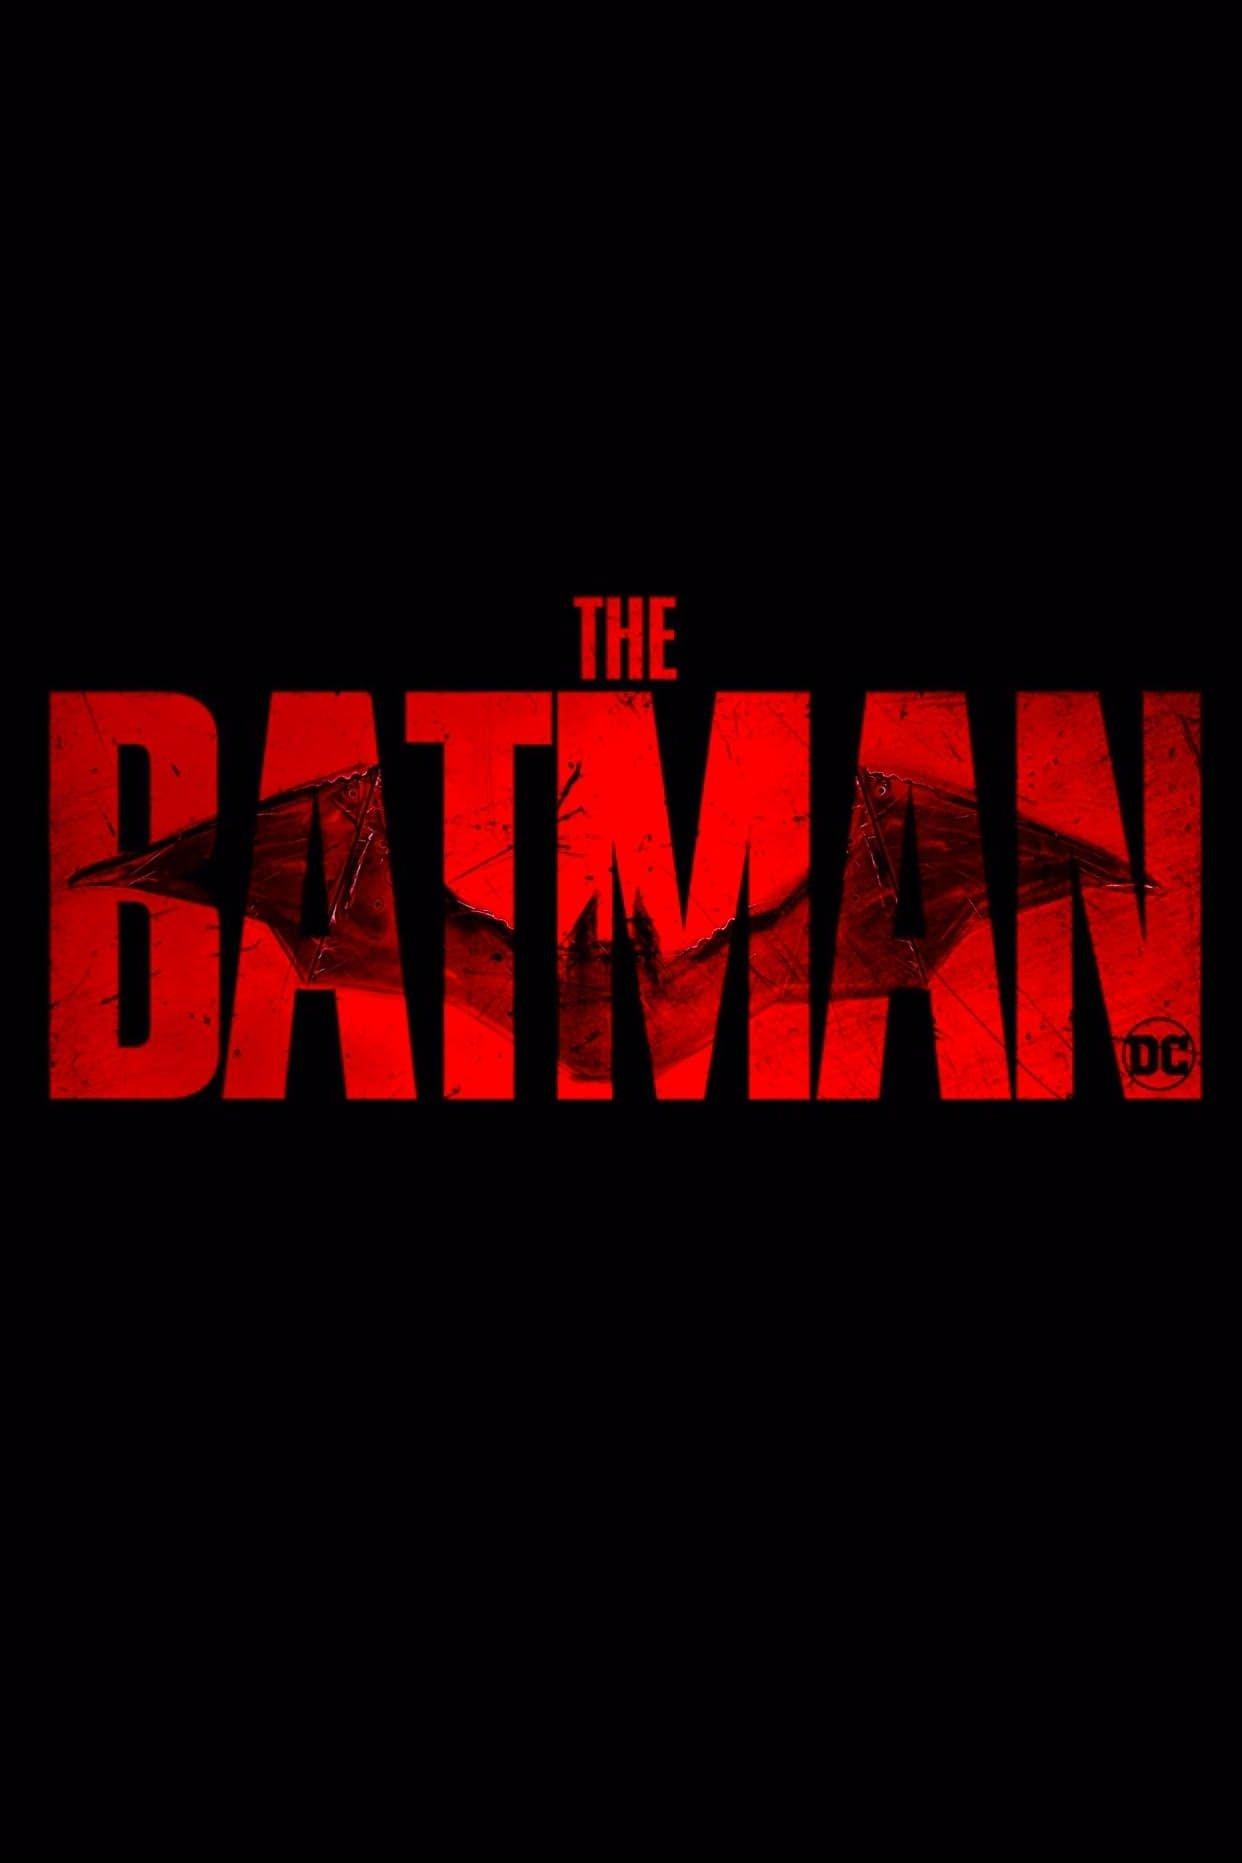 Une série dérivée de The Batman centrée sur le commissaire Gordon !